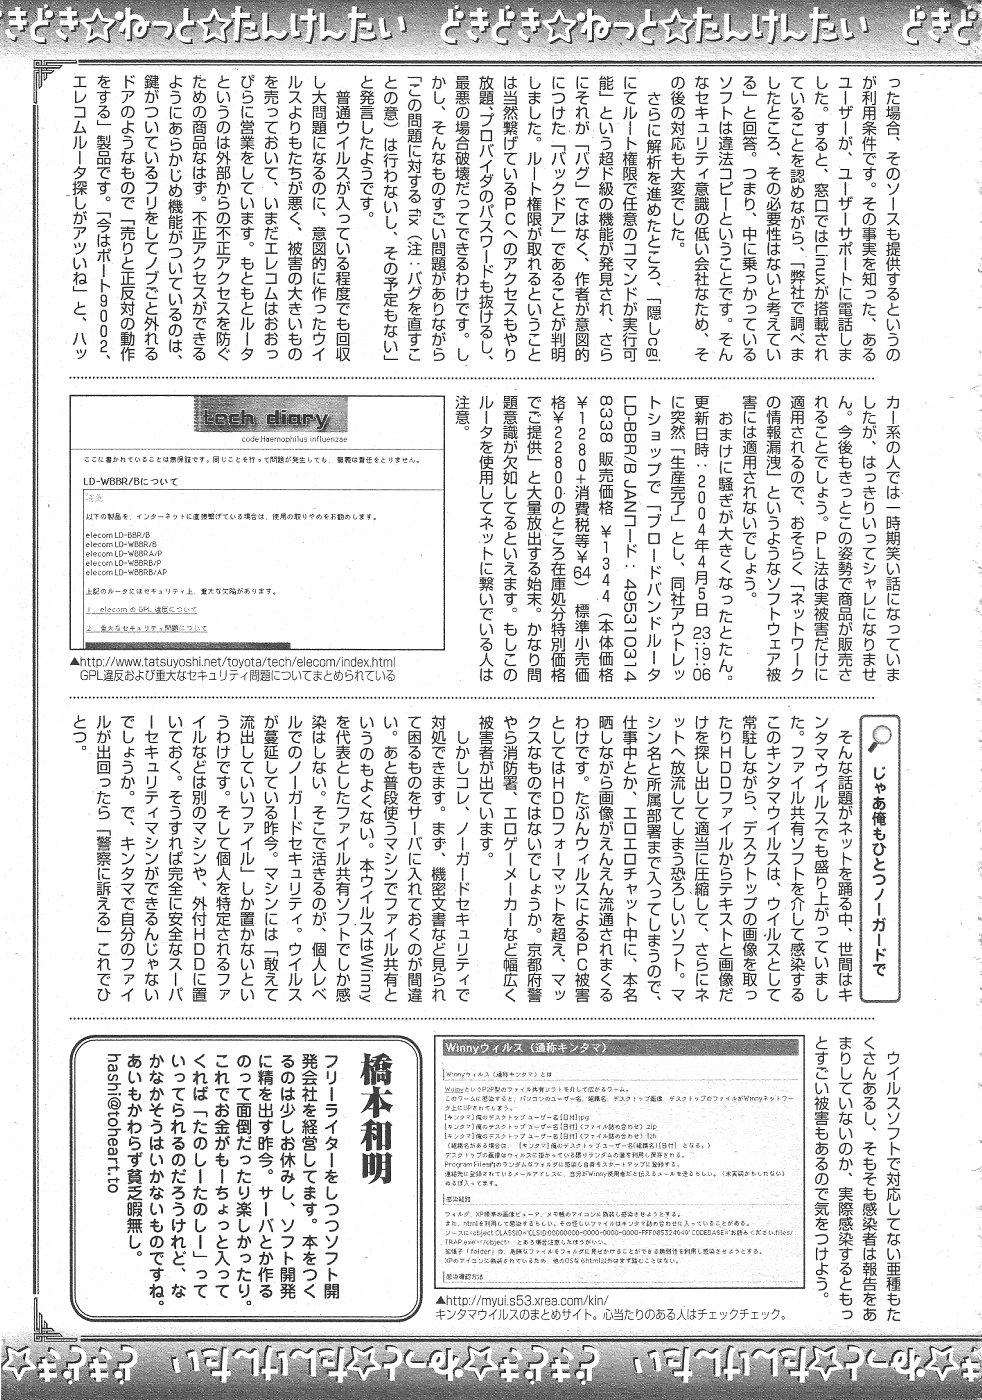 Gekkan Comic Muga 2004-06 Vol.10 404